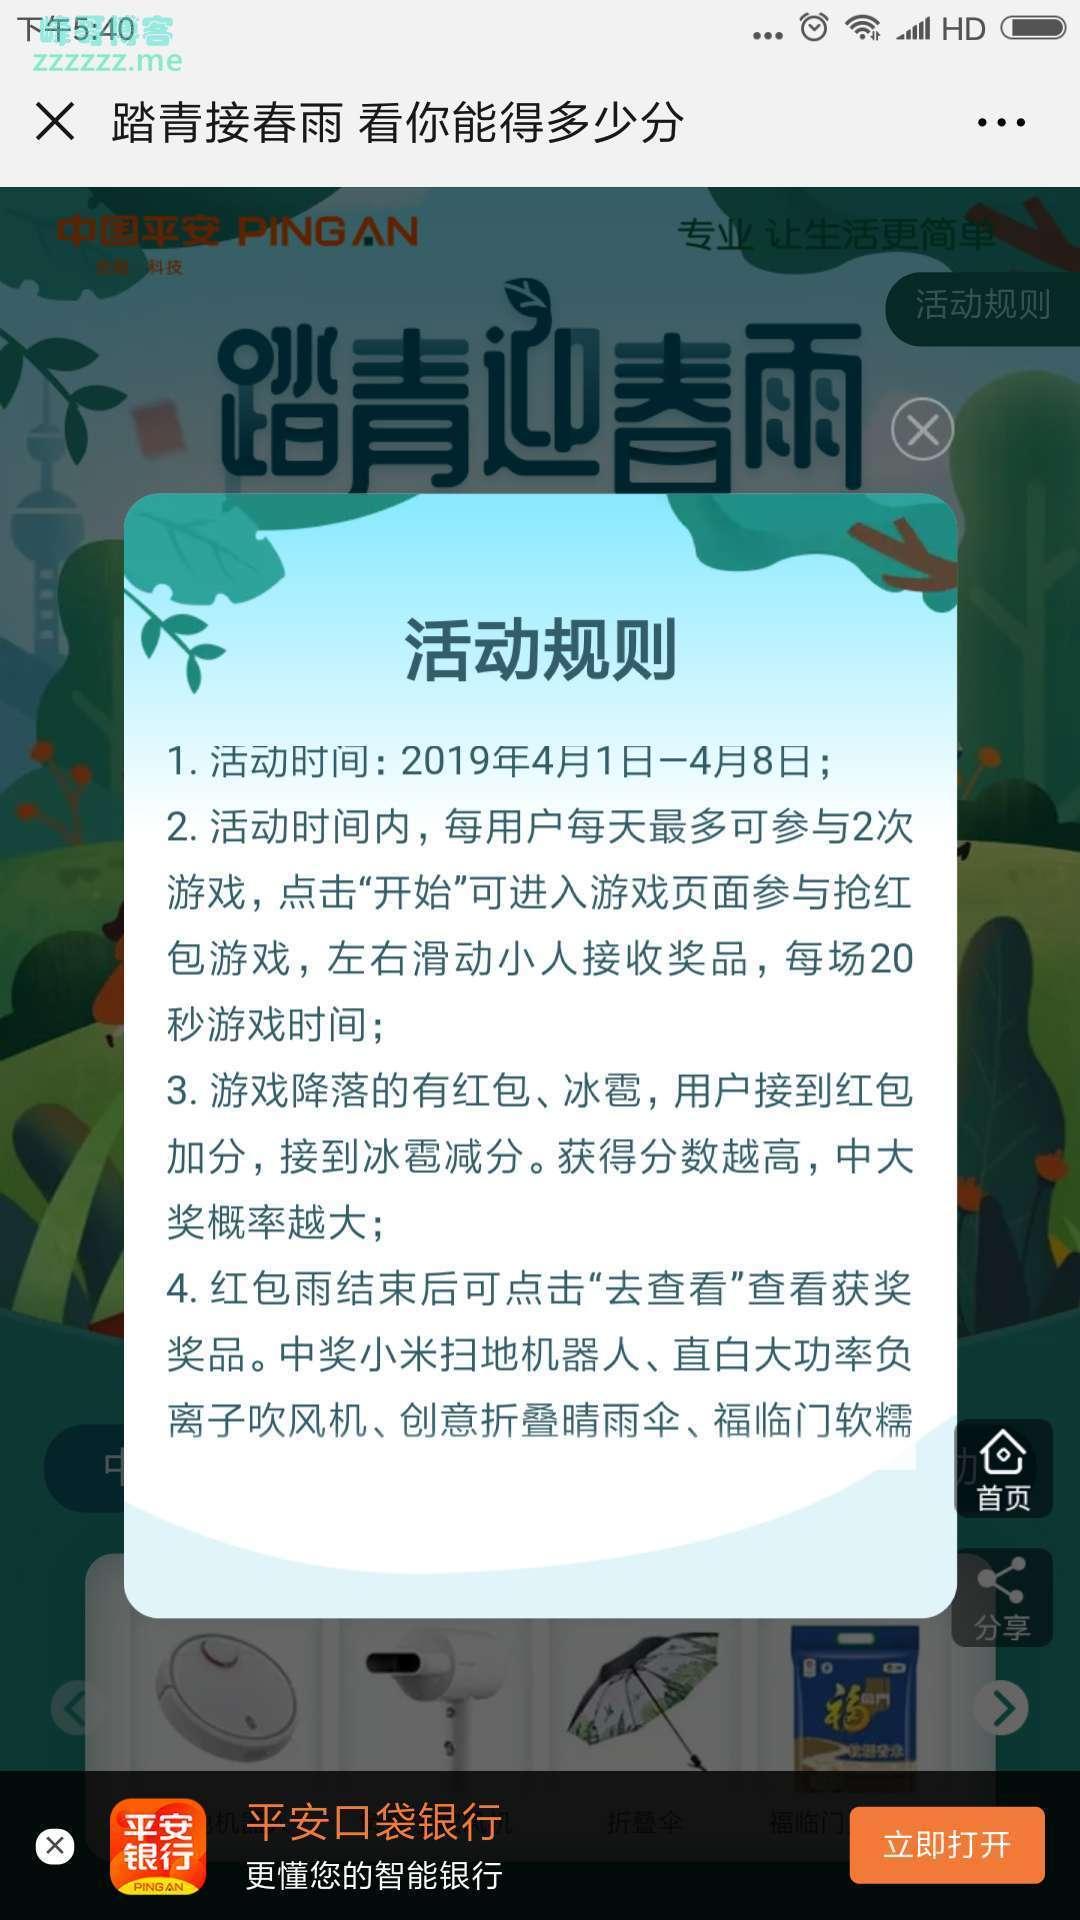 <平安银行>踏青接春雨(截止4月8日)